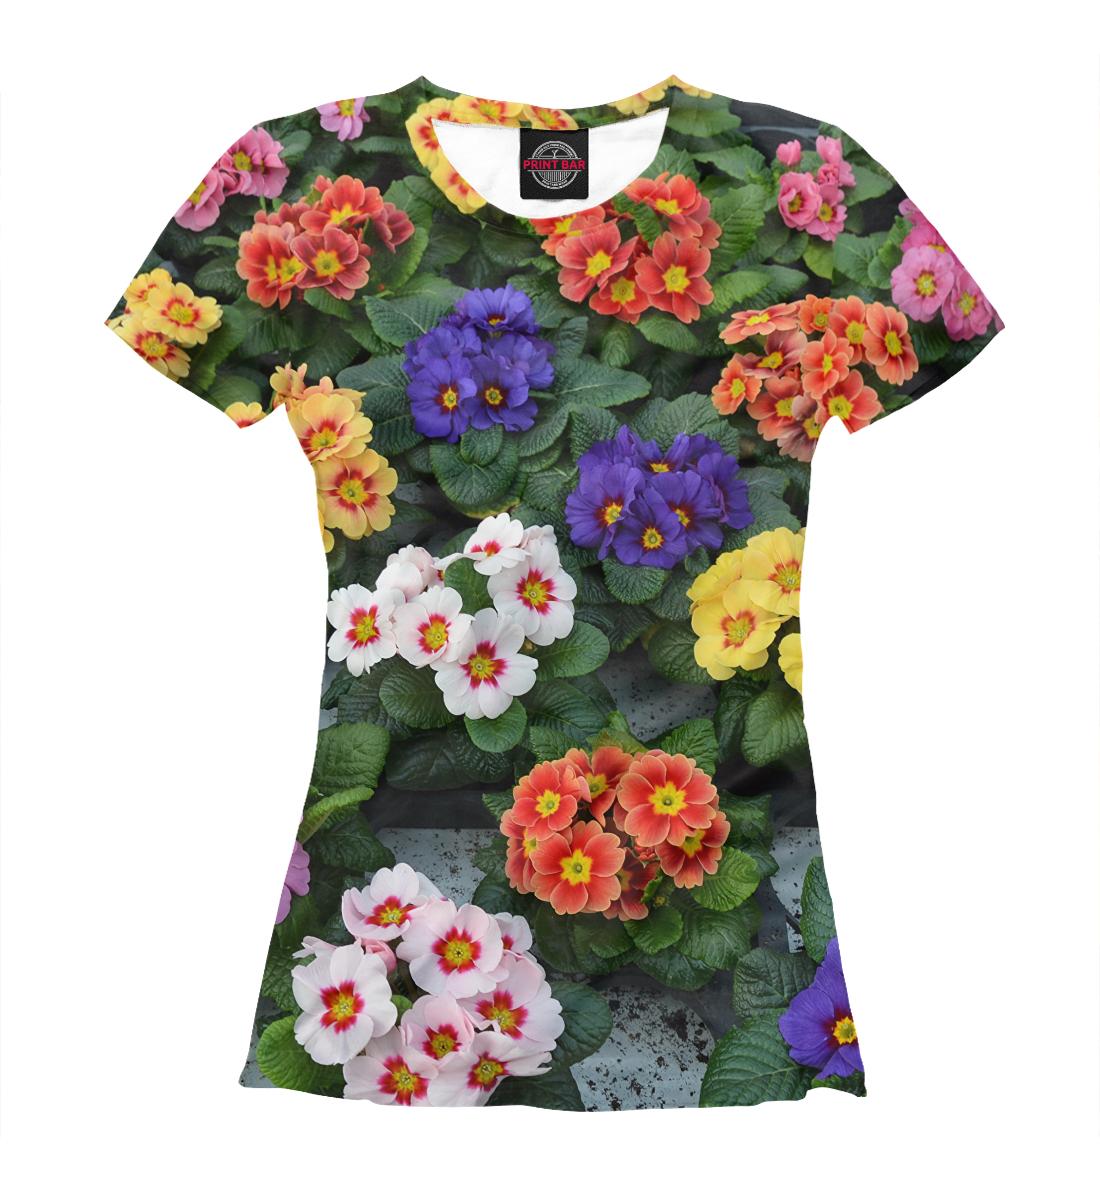 Купить Клумба с цветами, Printbar, Футболки, CVE-672653-fut-1